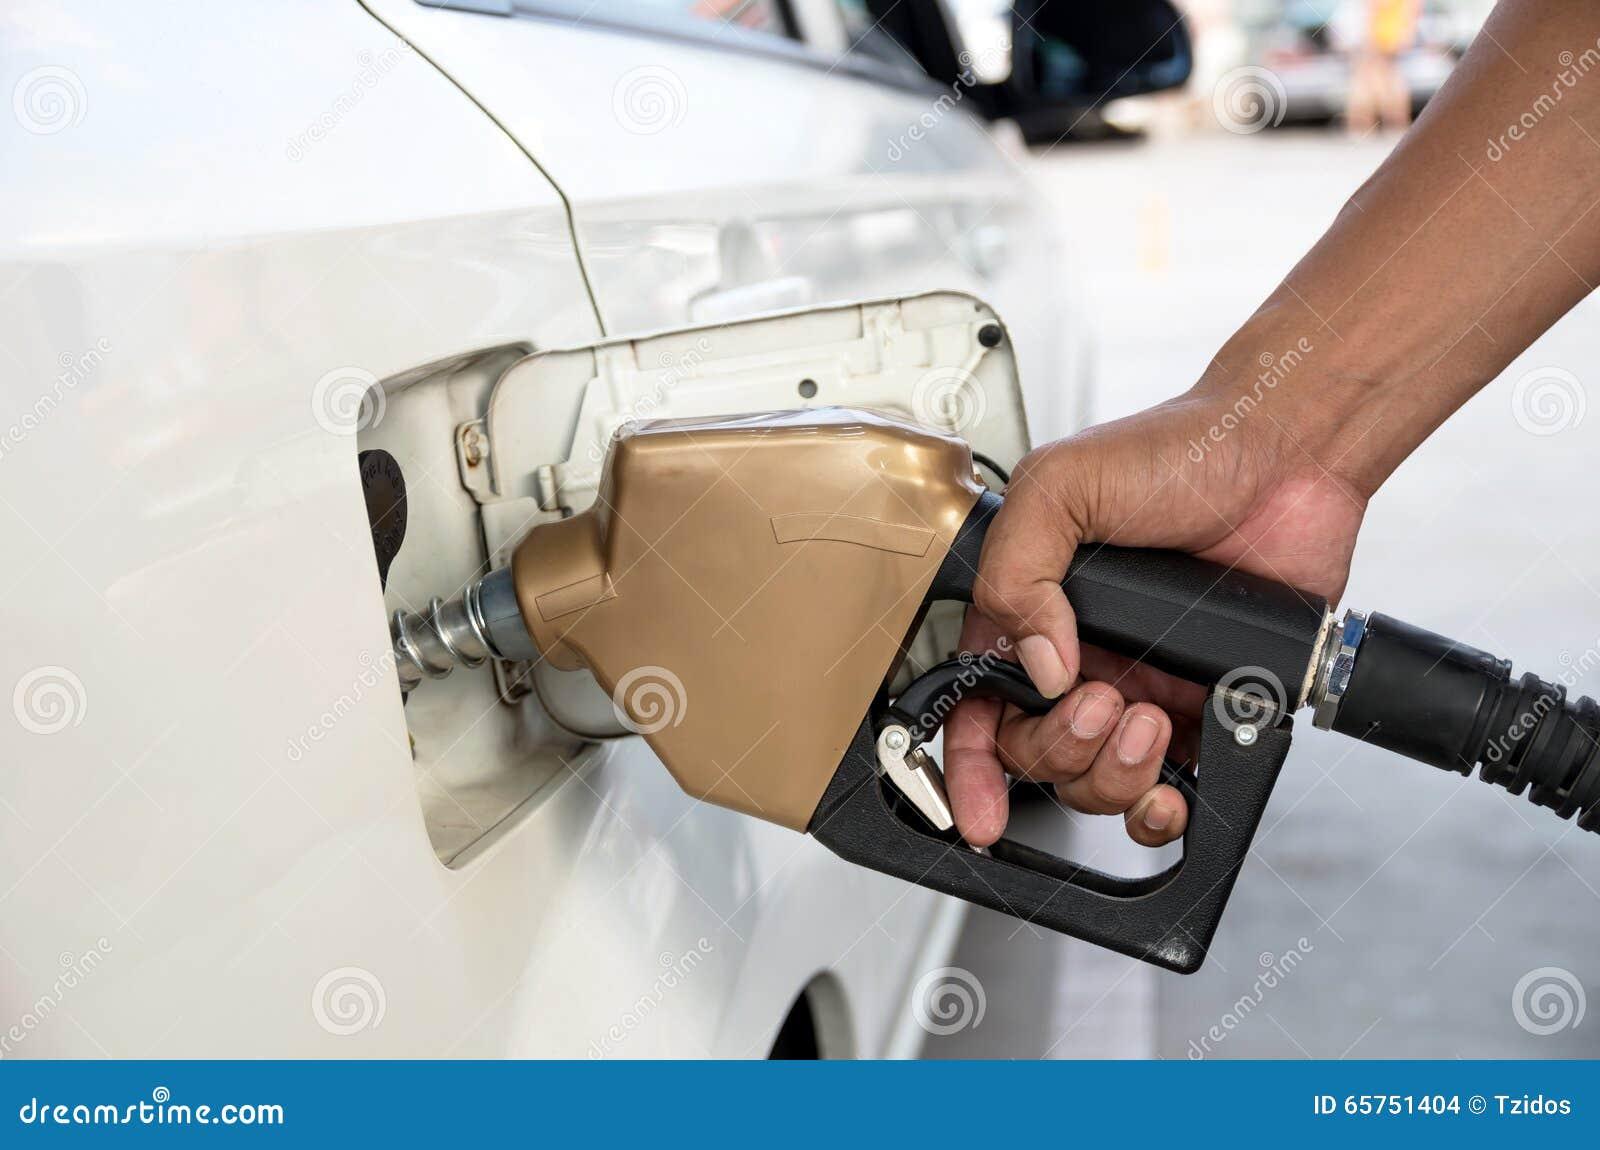 Les hommes tiennent le gicleur d essence pour ajouter le carburant dans la voiture au poste d essence